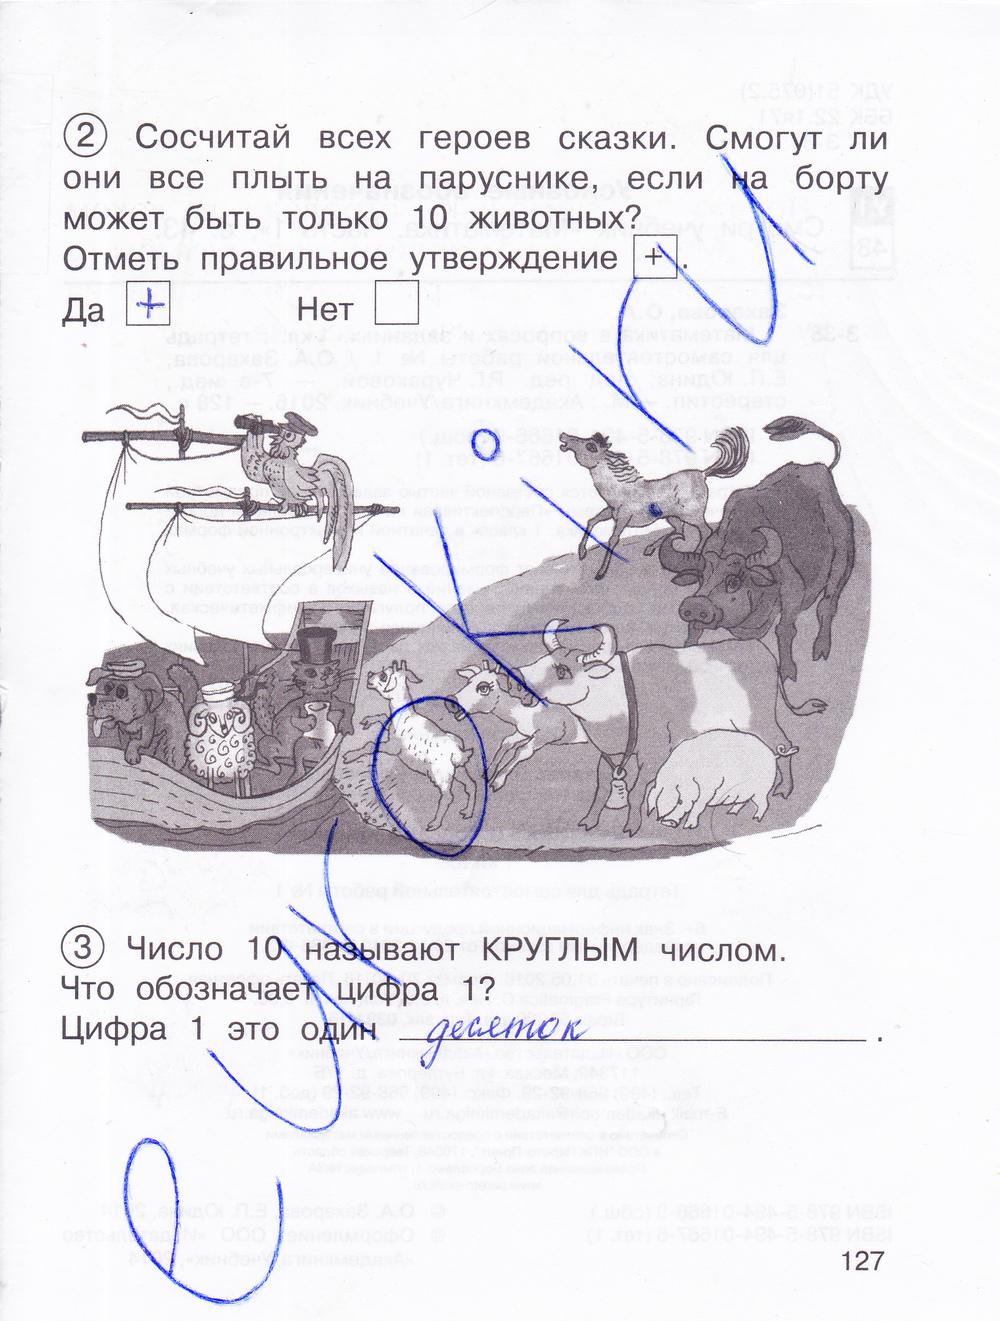 ГДЗ по математике 1 класс рабочая тетрадь Захарова, Юдина Часть 1, 2. Задание: стр. 127